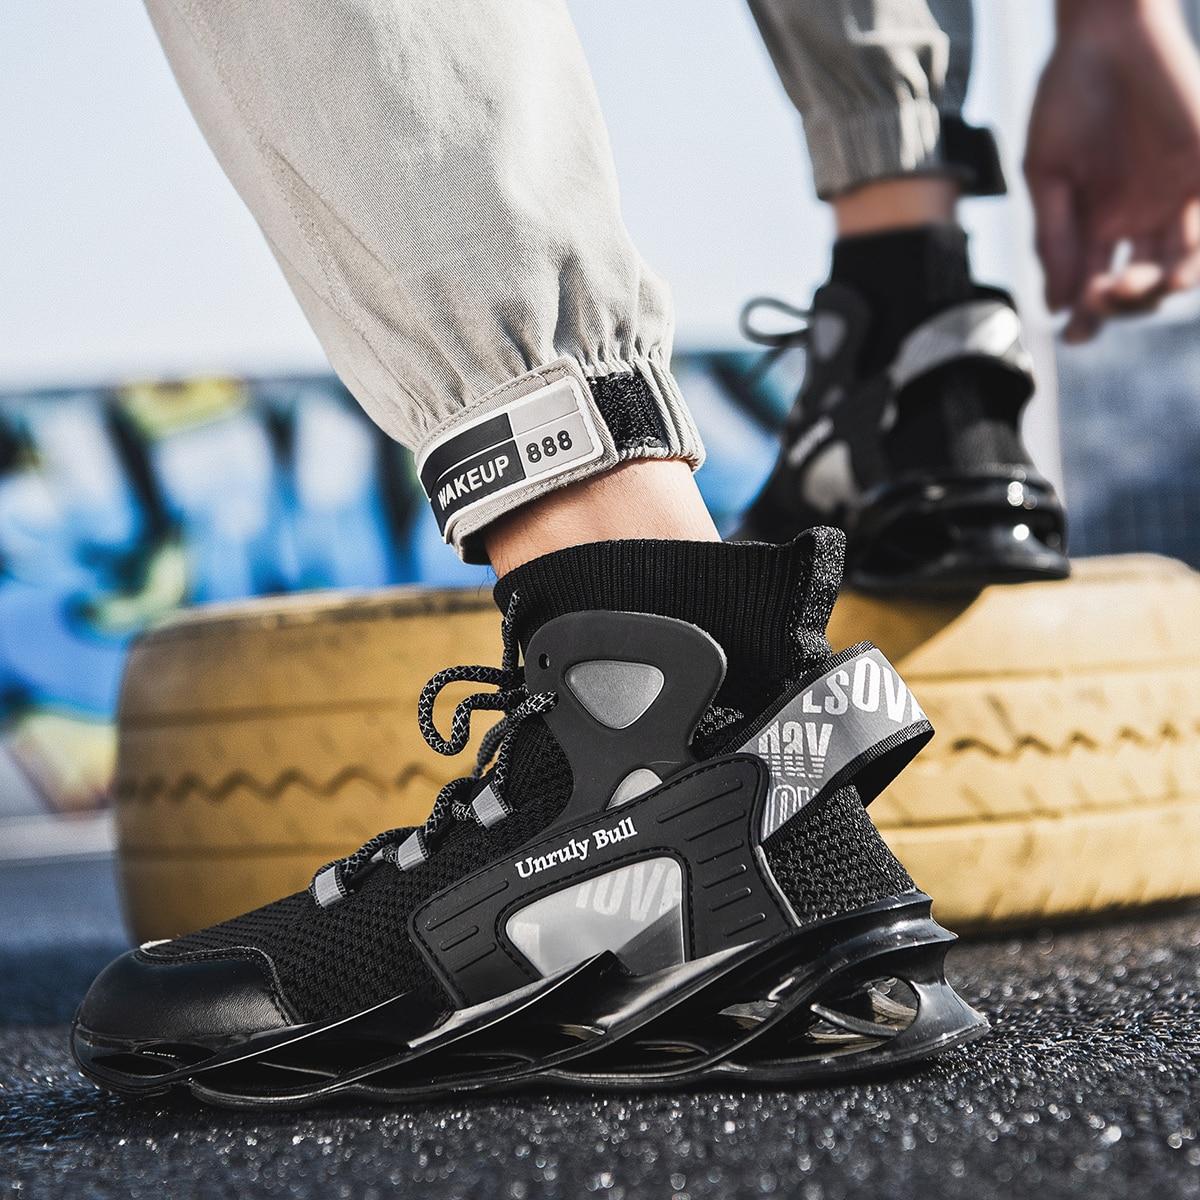 Grande taille hommes chaussures décontractées haut haut chaussures à la mode résistant à l'usure absorption des chocs chaussettes chaussures chaussures de sport lumineuses mode